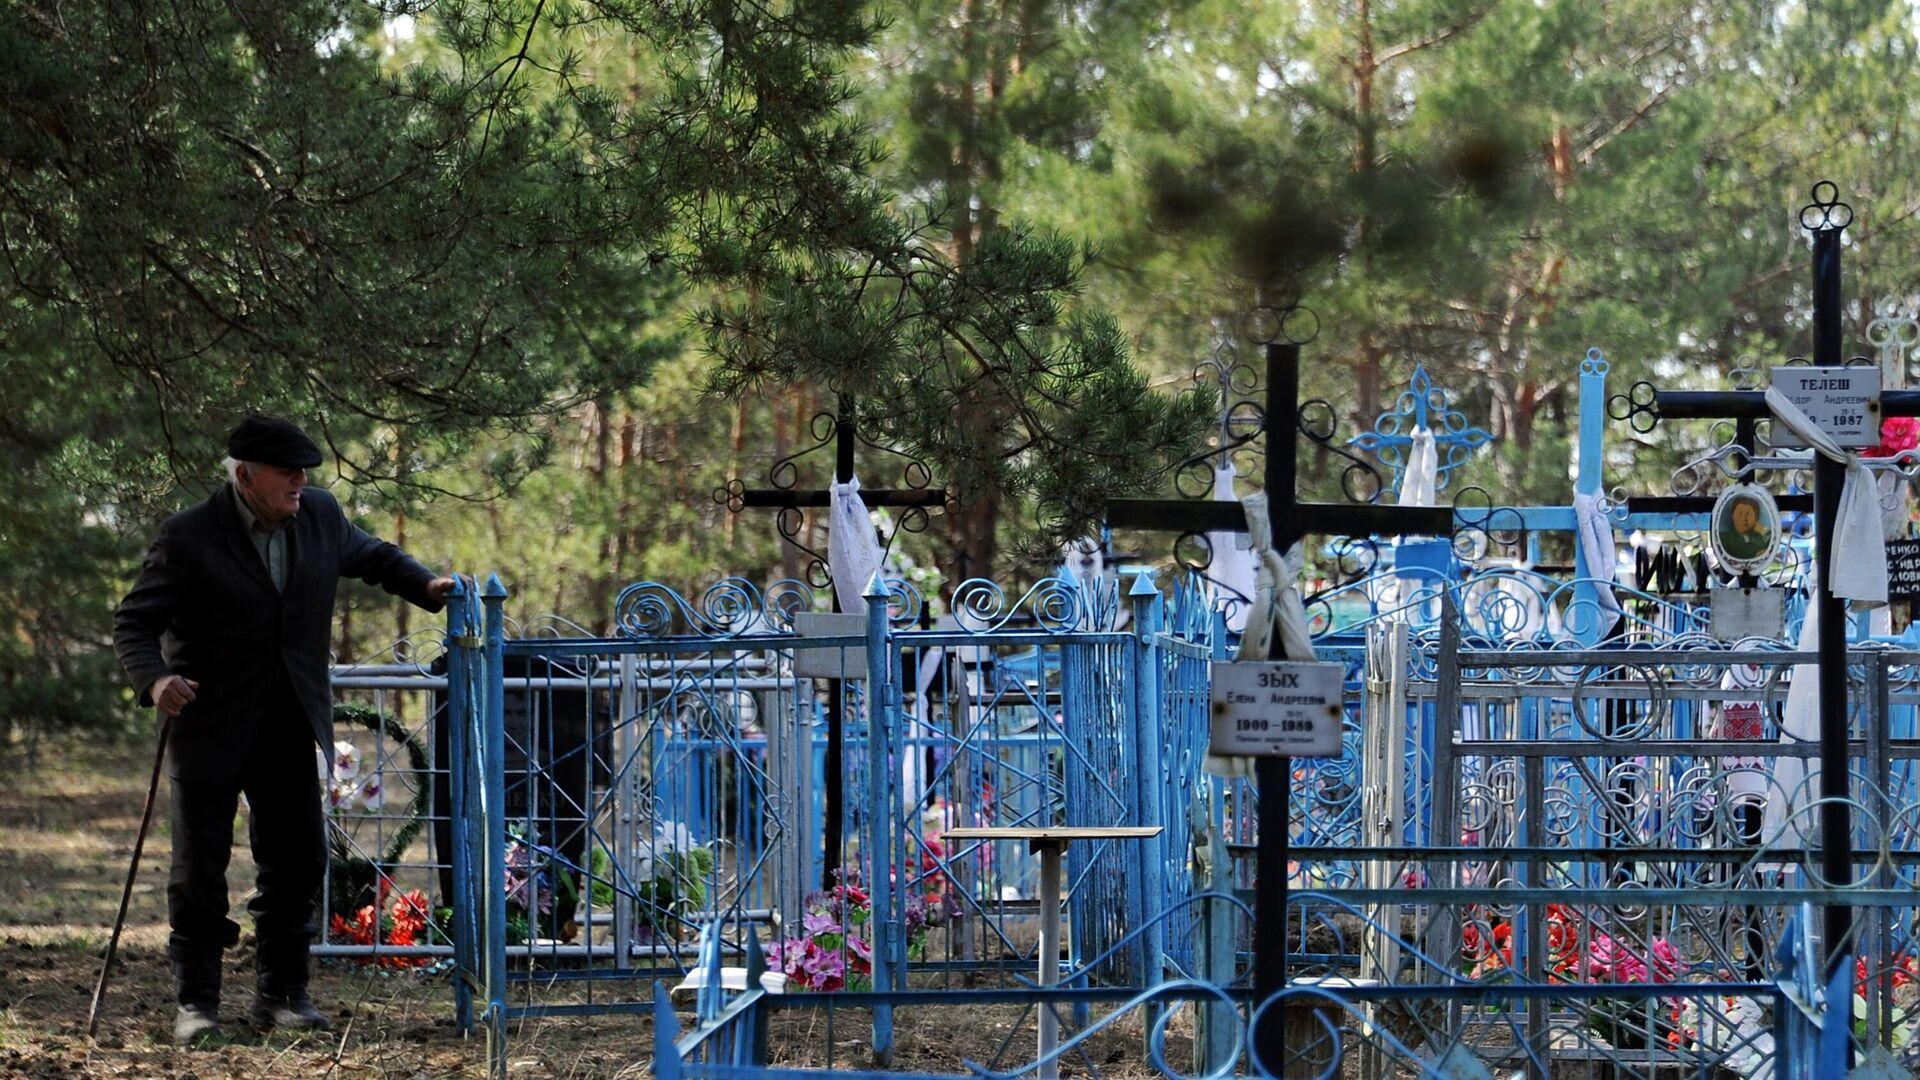 Сельское кладбище - РИА Новости, 1920, 29.11.2019